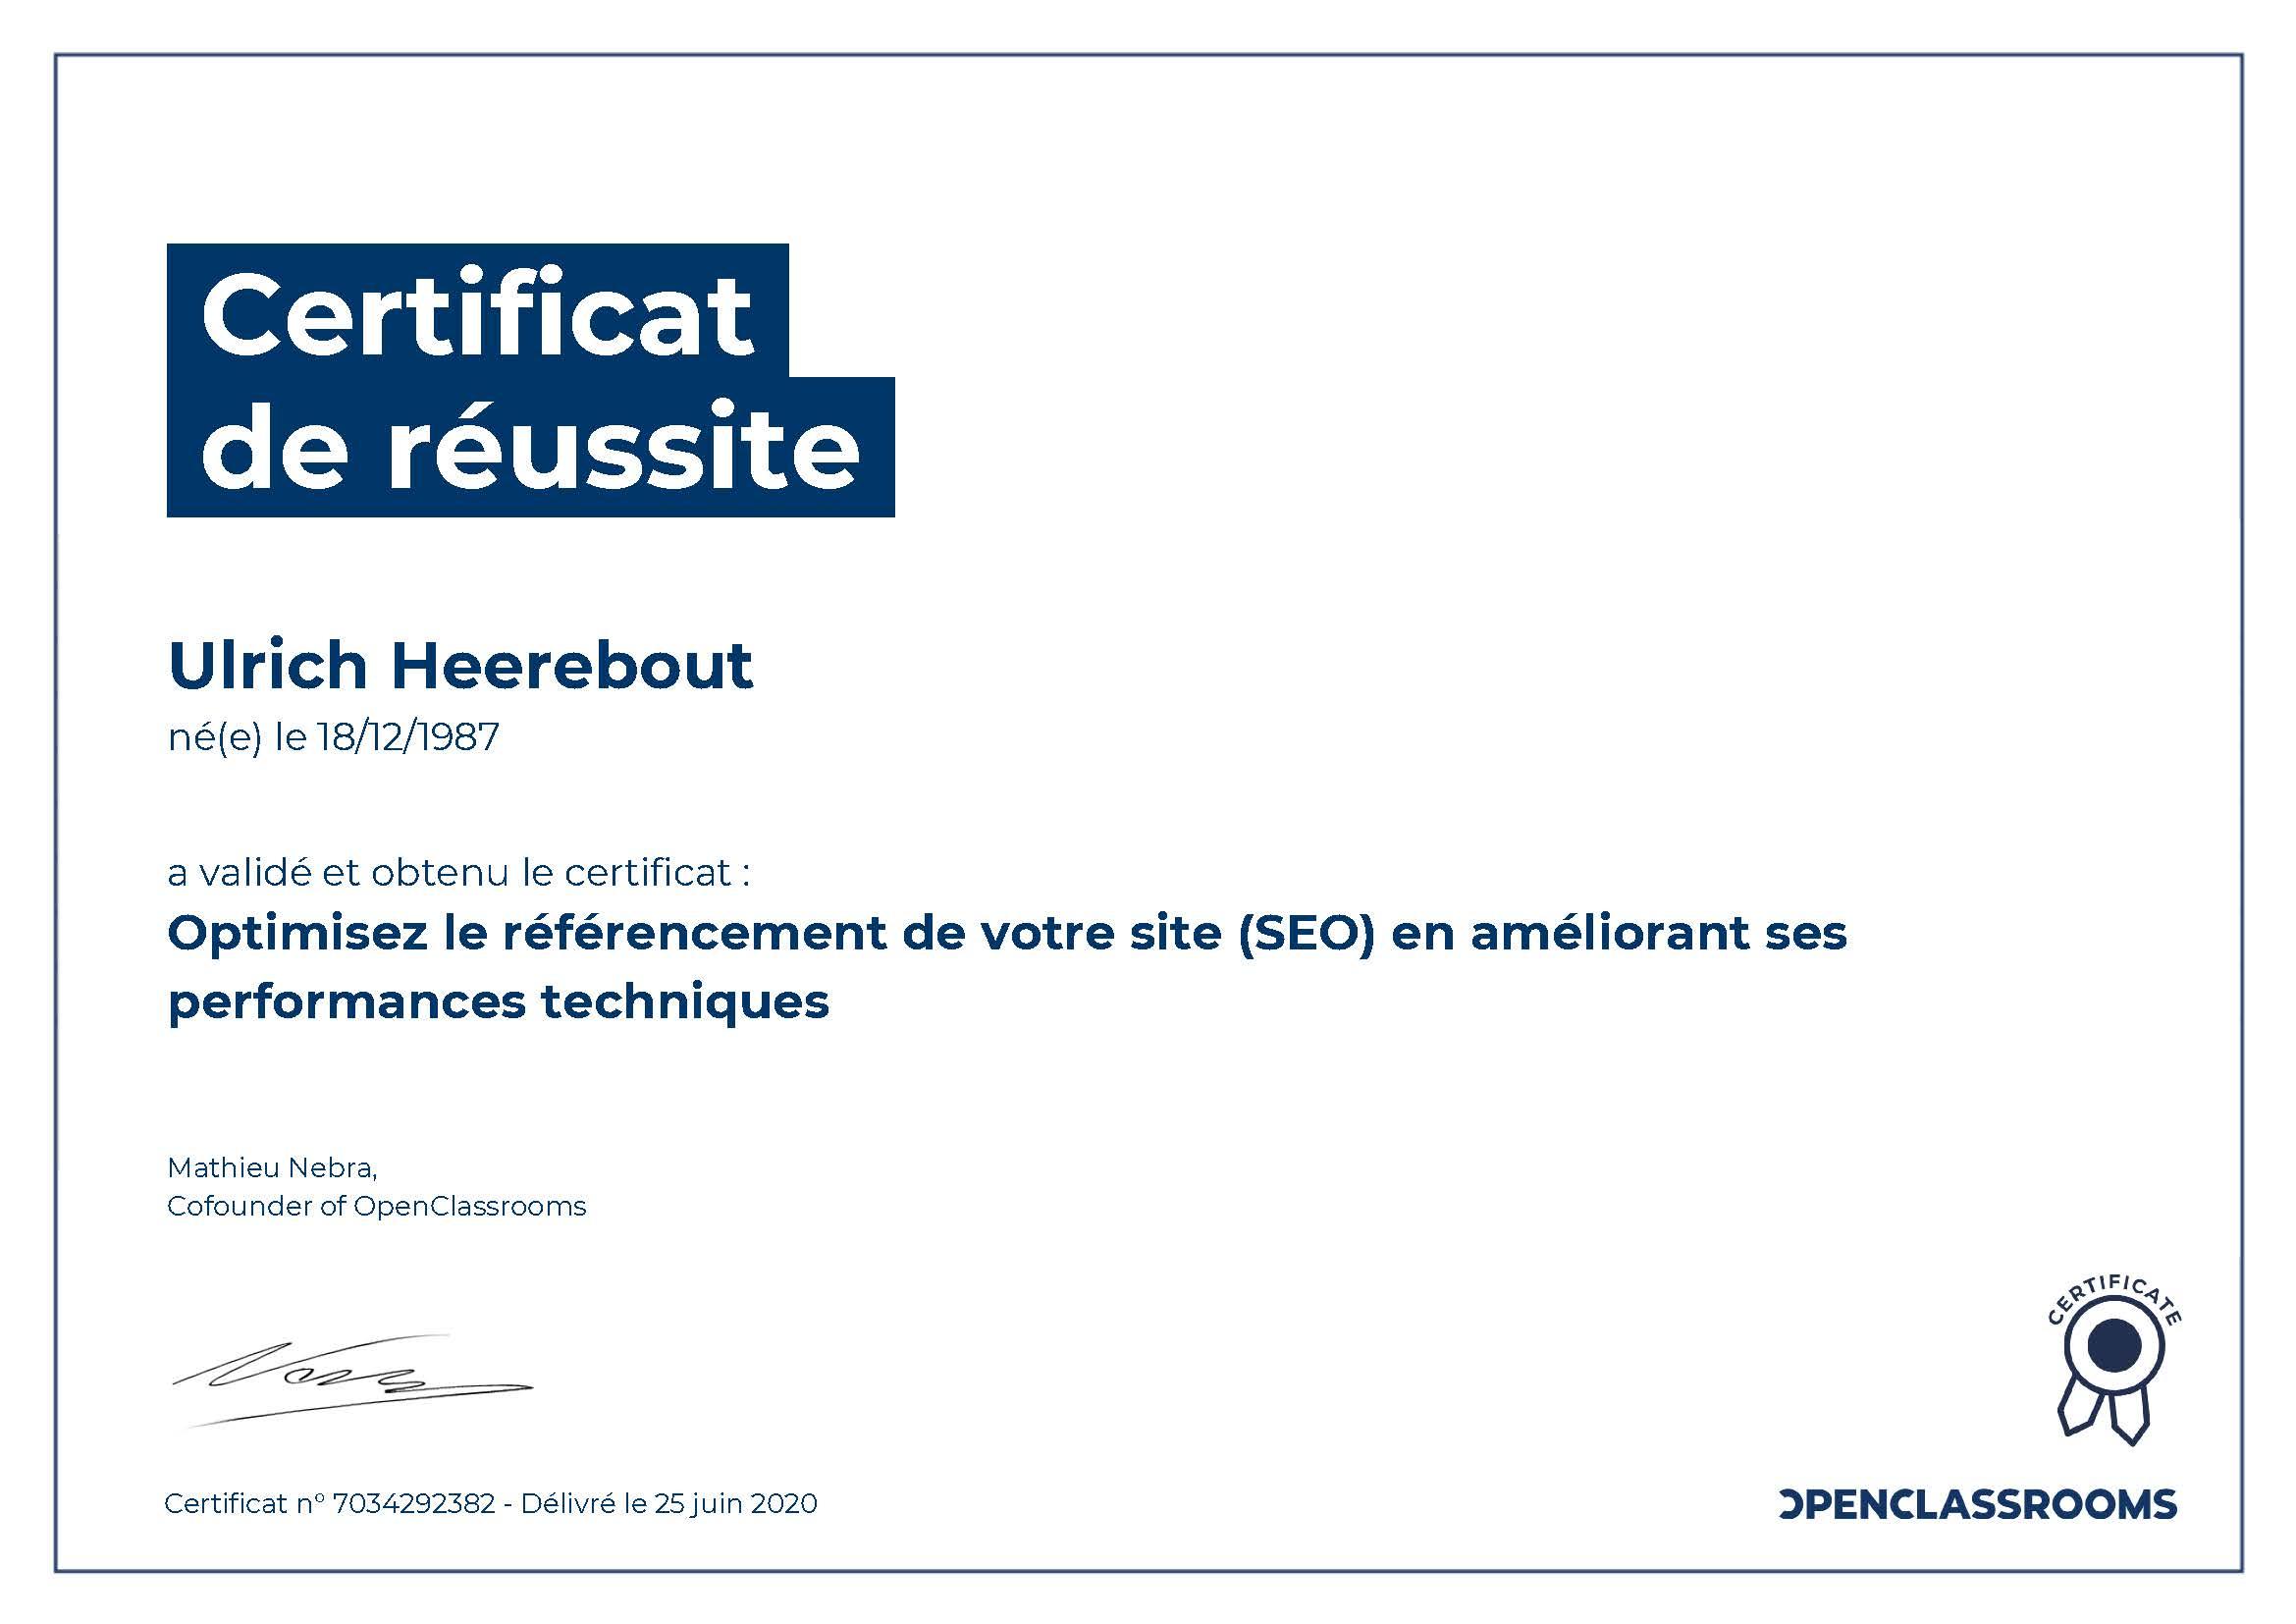 Certificat de réussite : Optimisez le référencement de votre site (SEO) en améliorant ses performances techniques